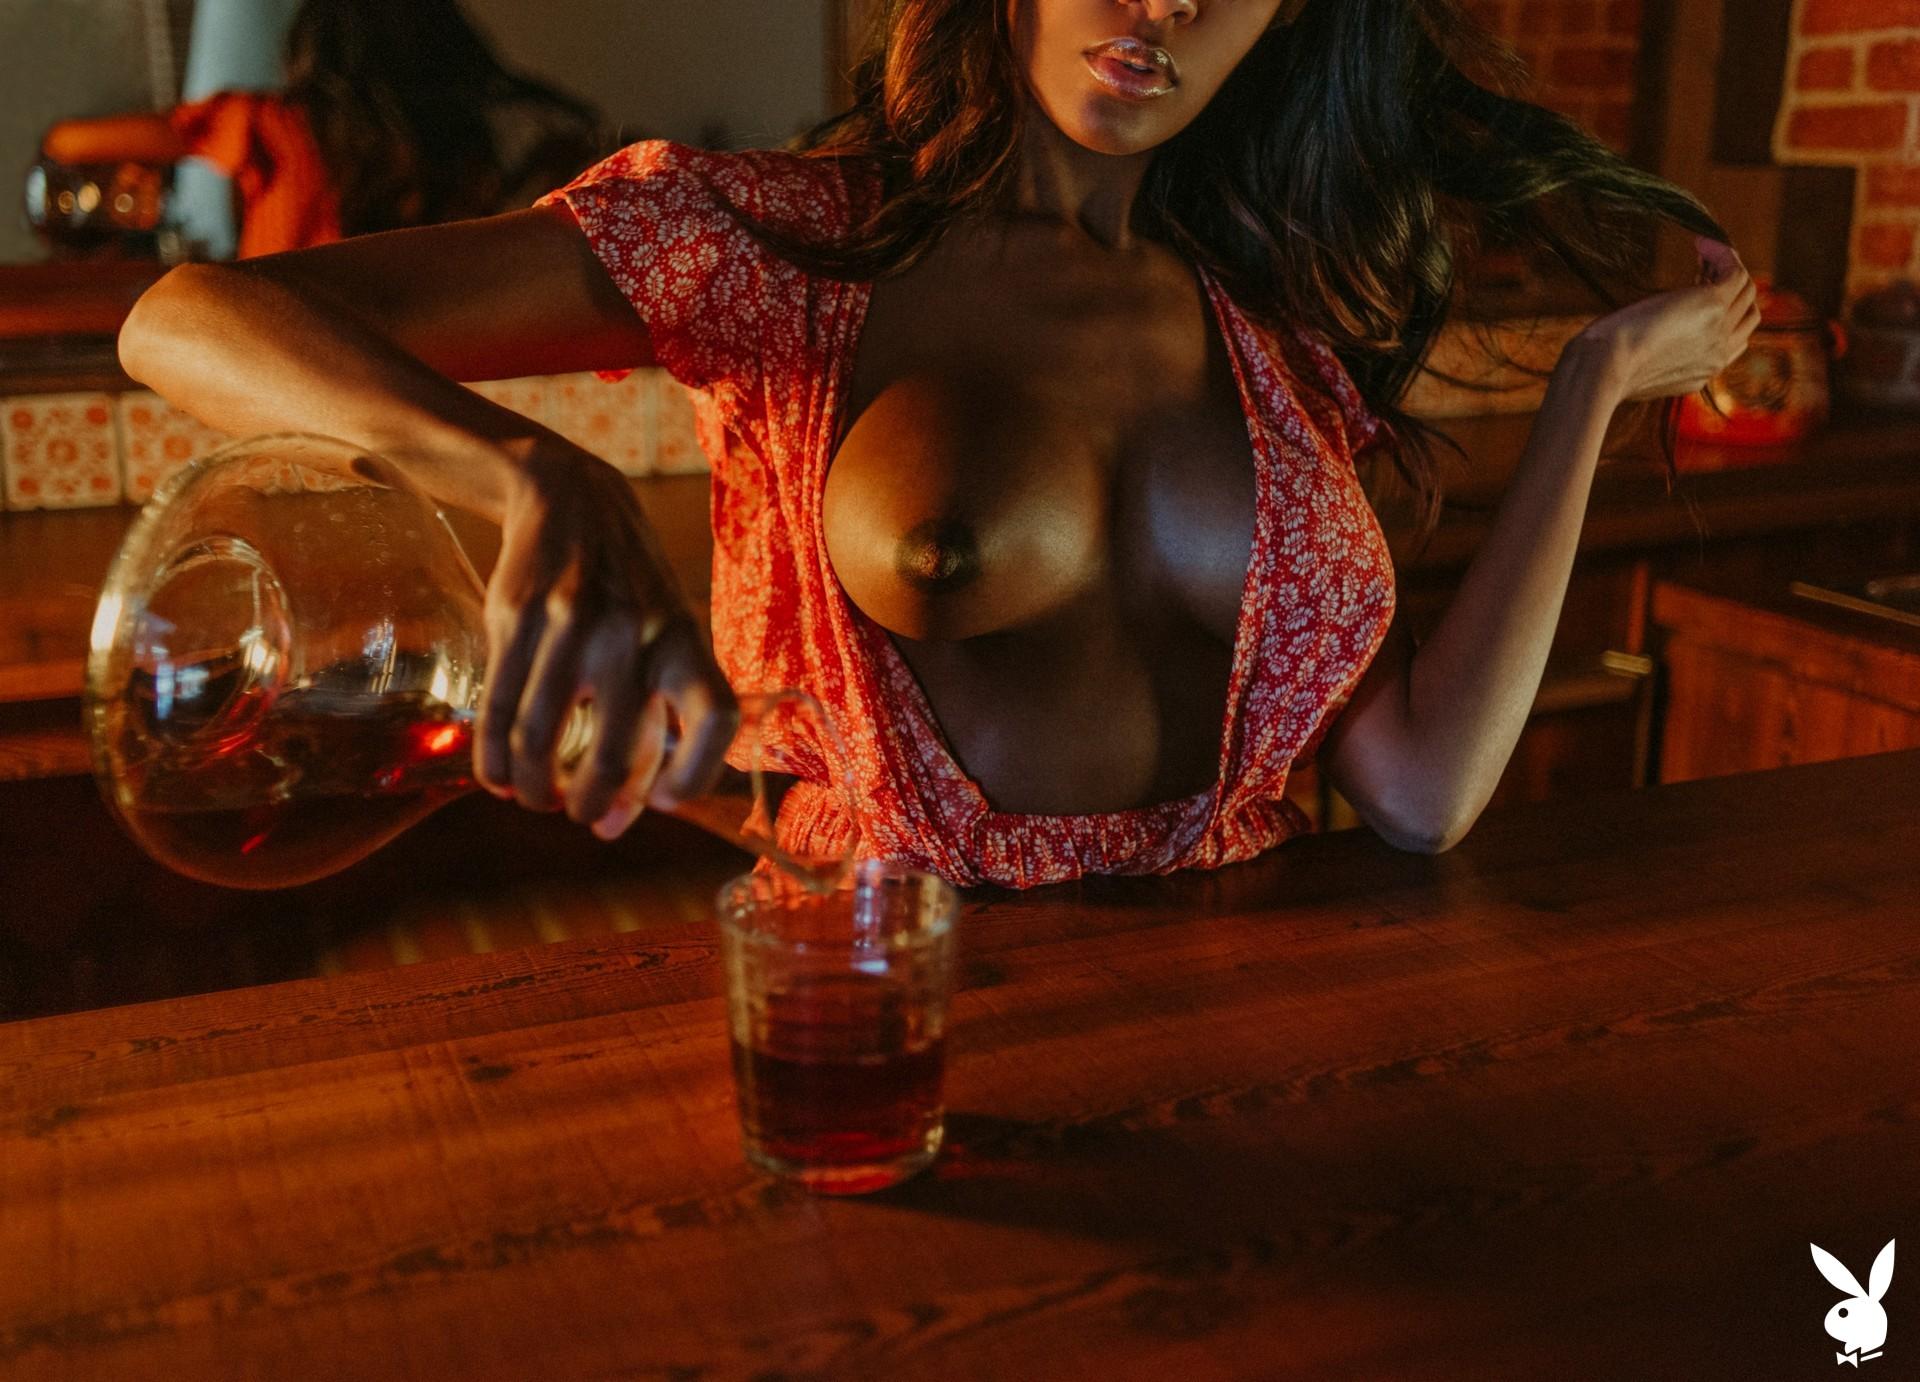 Amber Rose In Making Shots Playboy Plus (5)